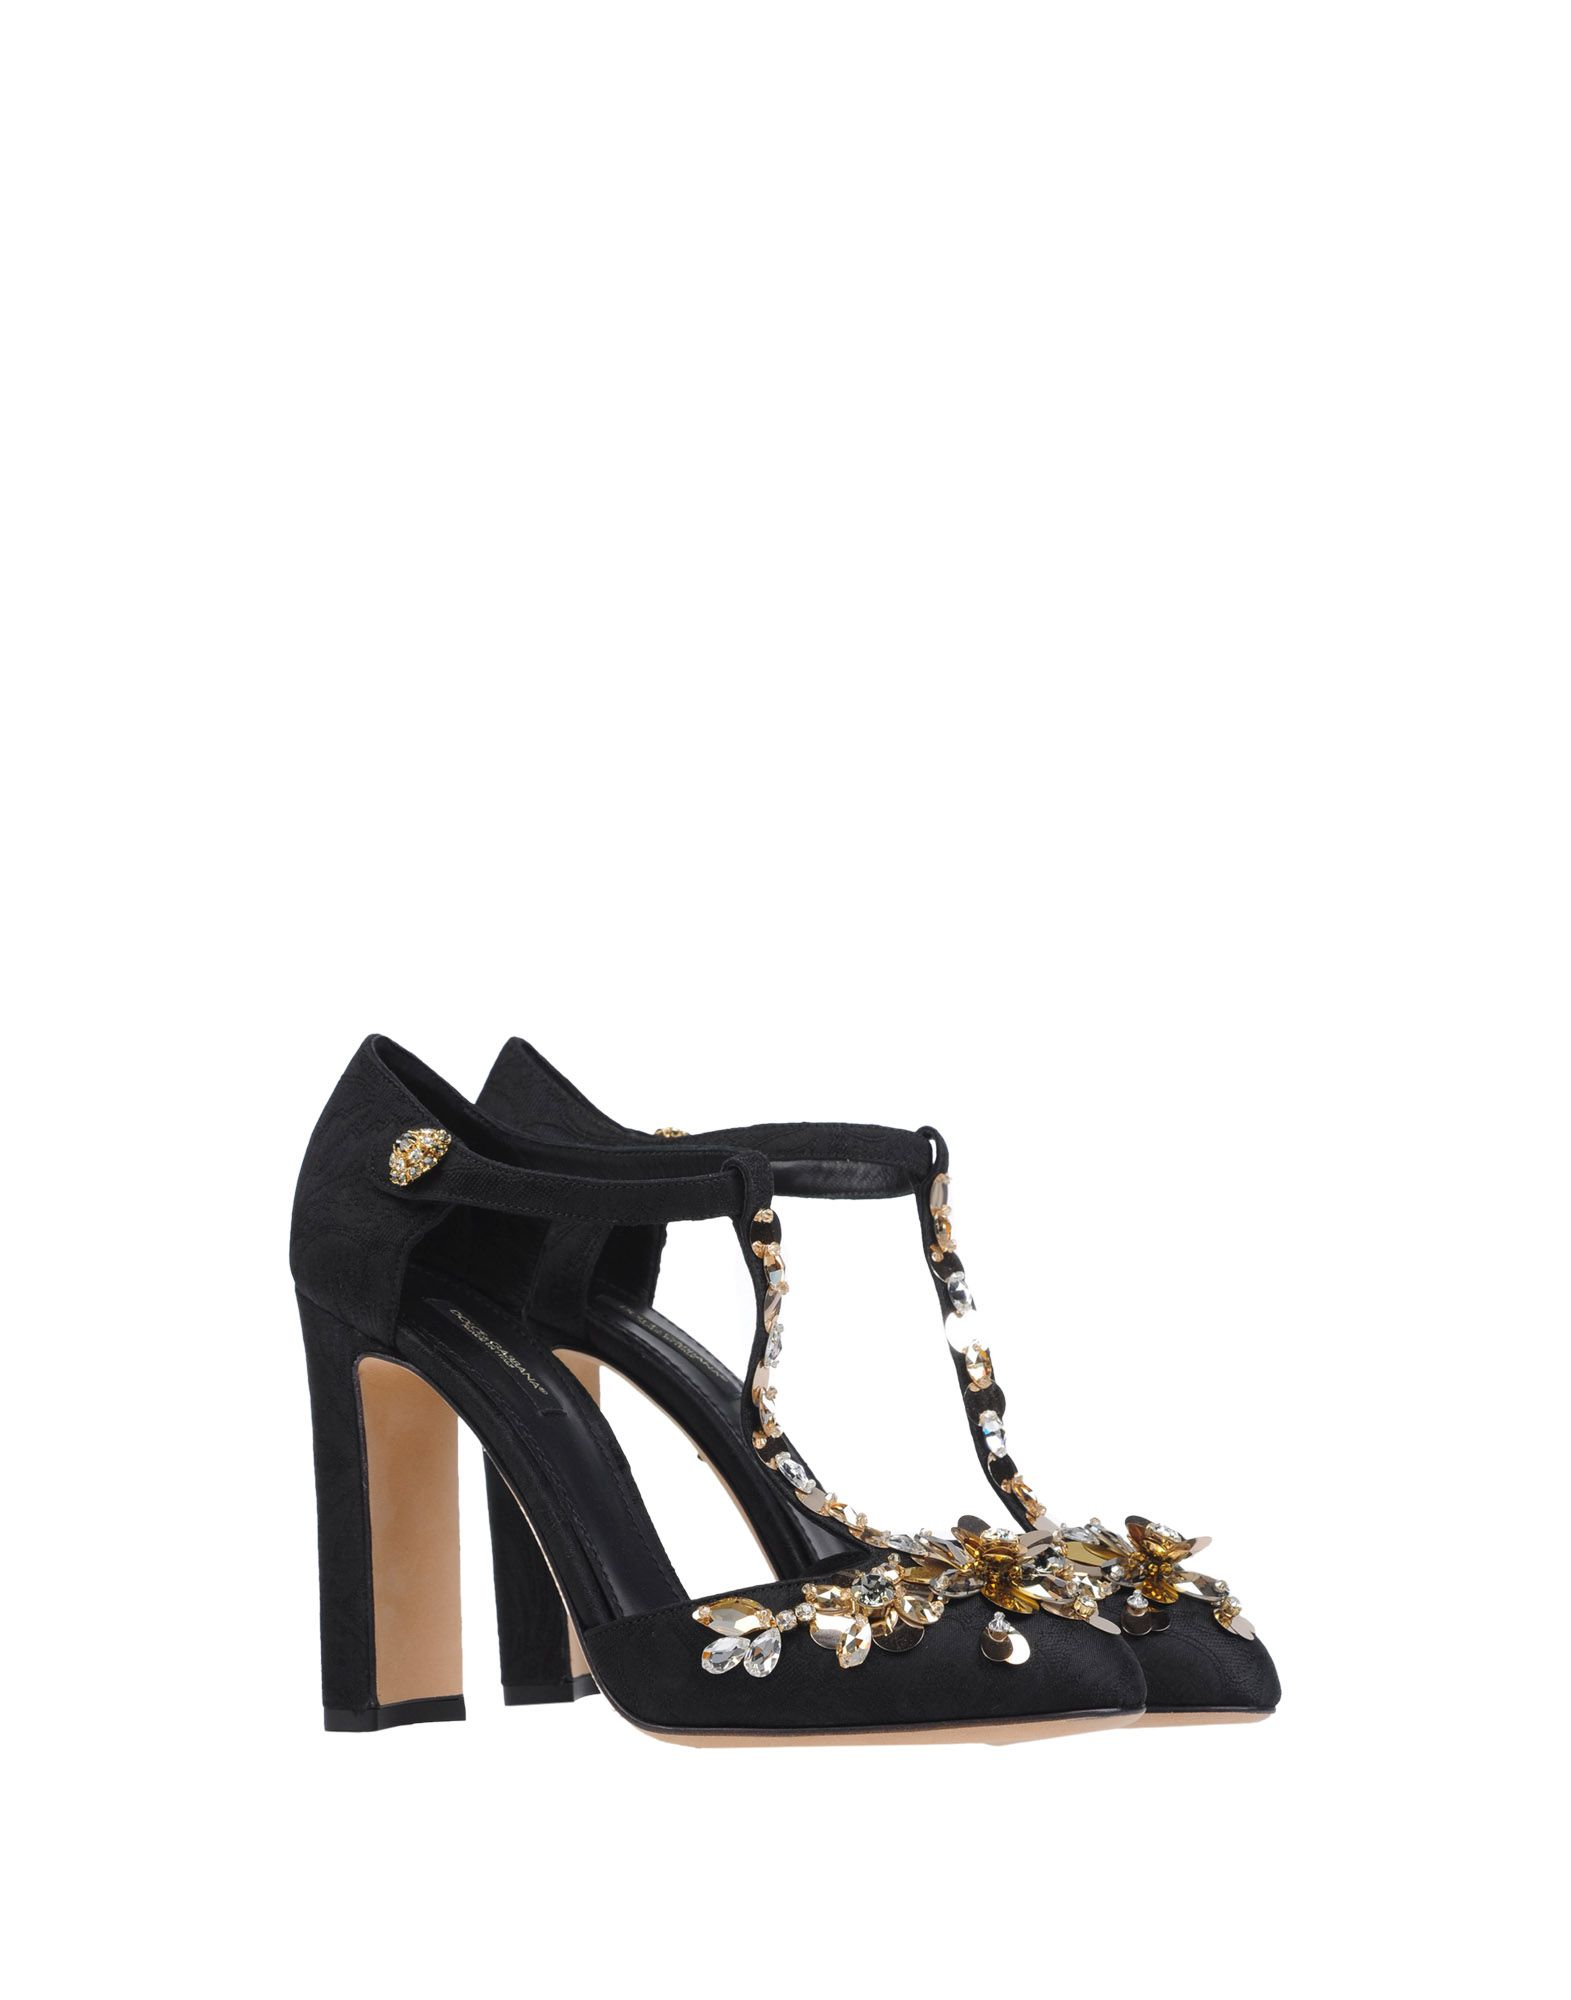 Dolce & 11164051NGGünstige Gabbana Pumps Damen  11164051NGGünstige & gut aussehende Schuhe 2197f7